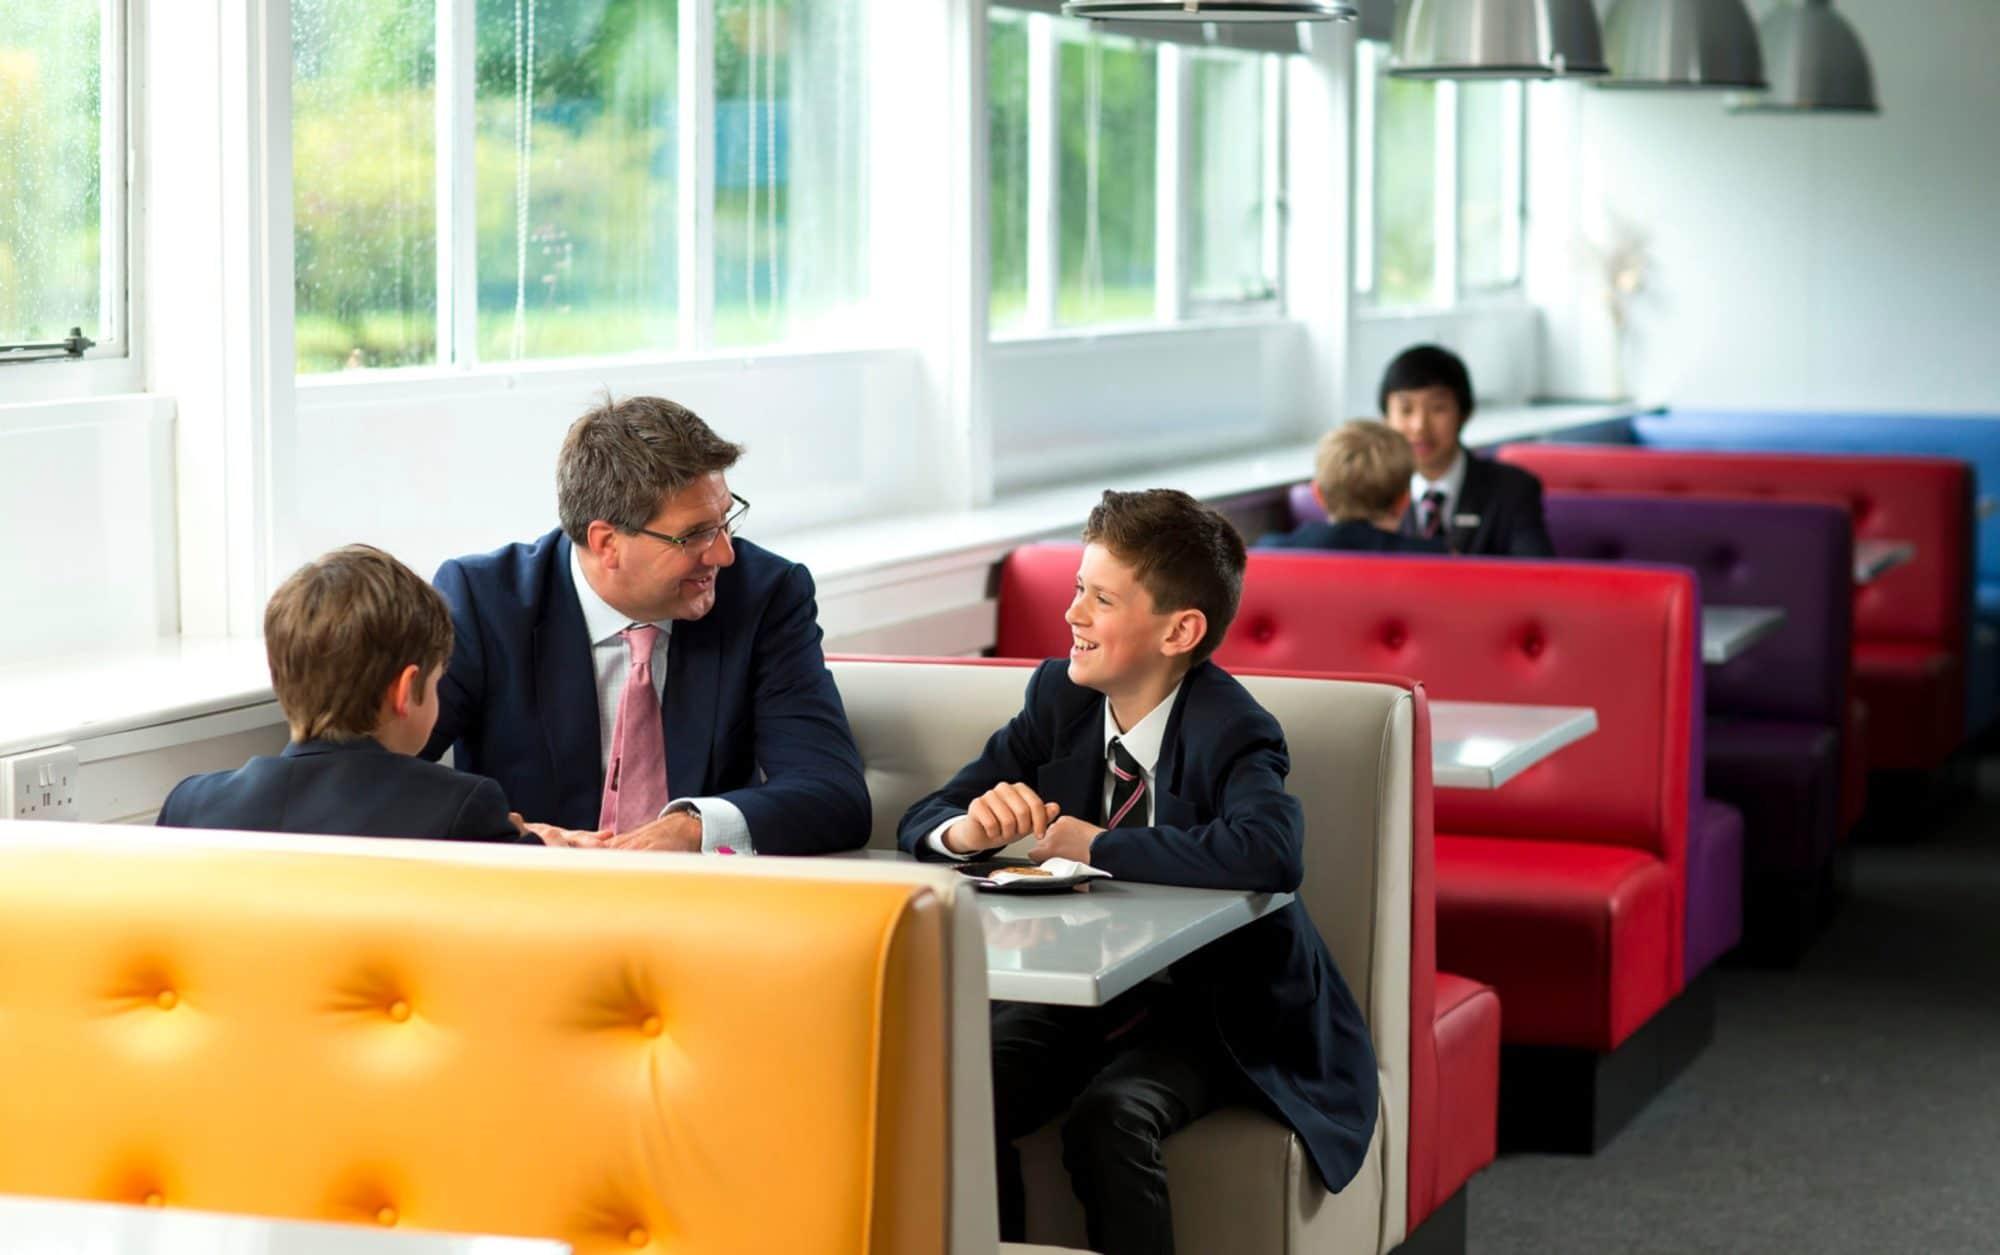 Abingdon School pastoral care